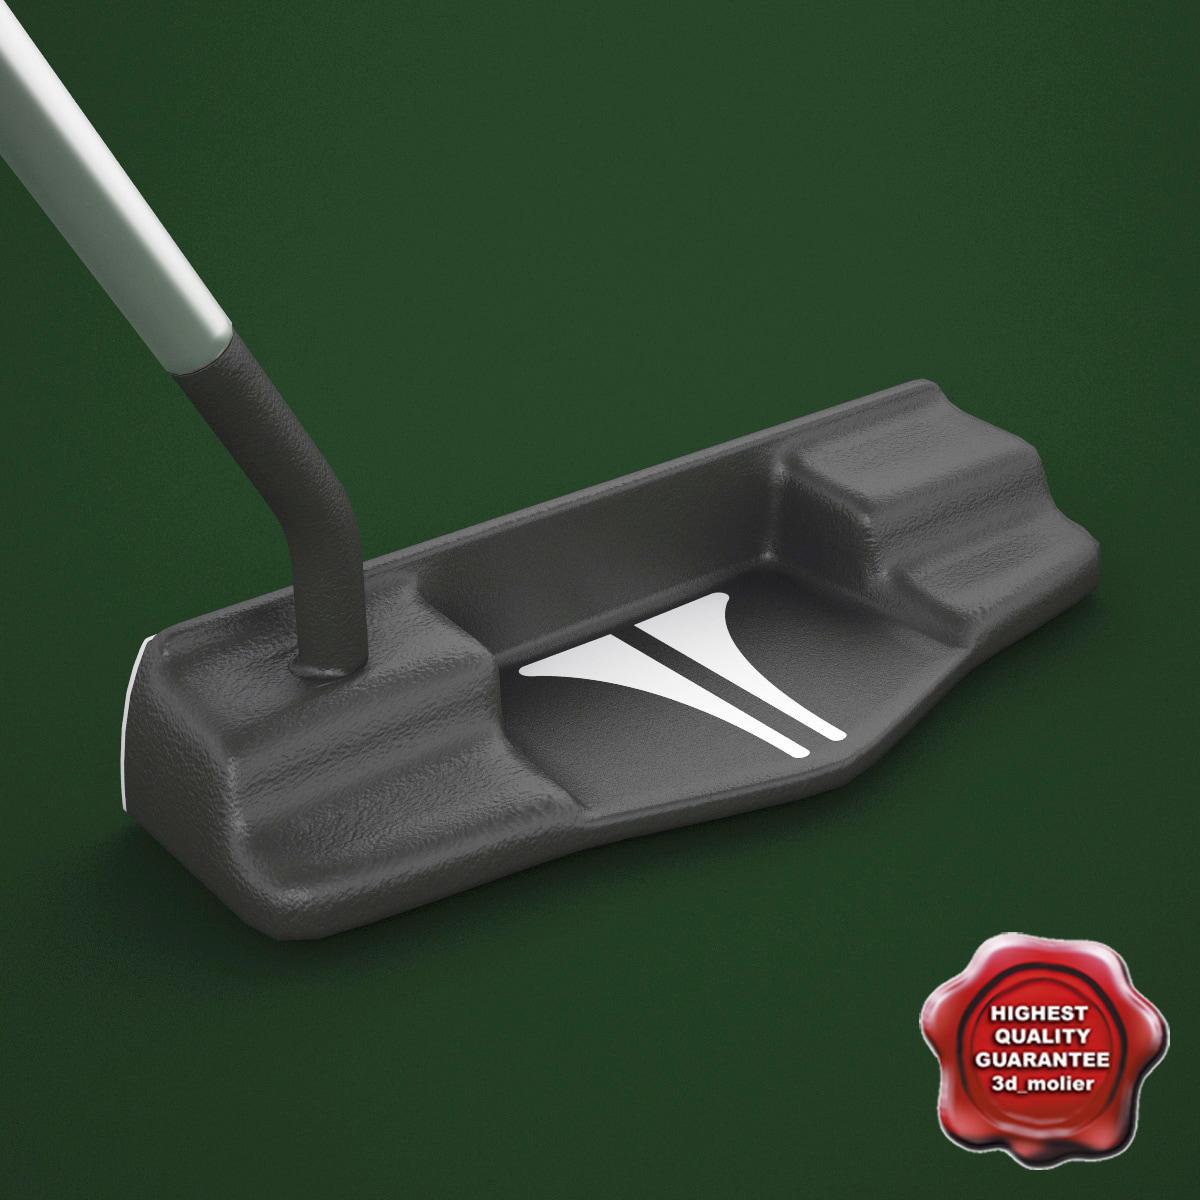 Golf_blade_putter_1c_00.jpg